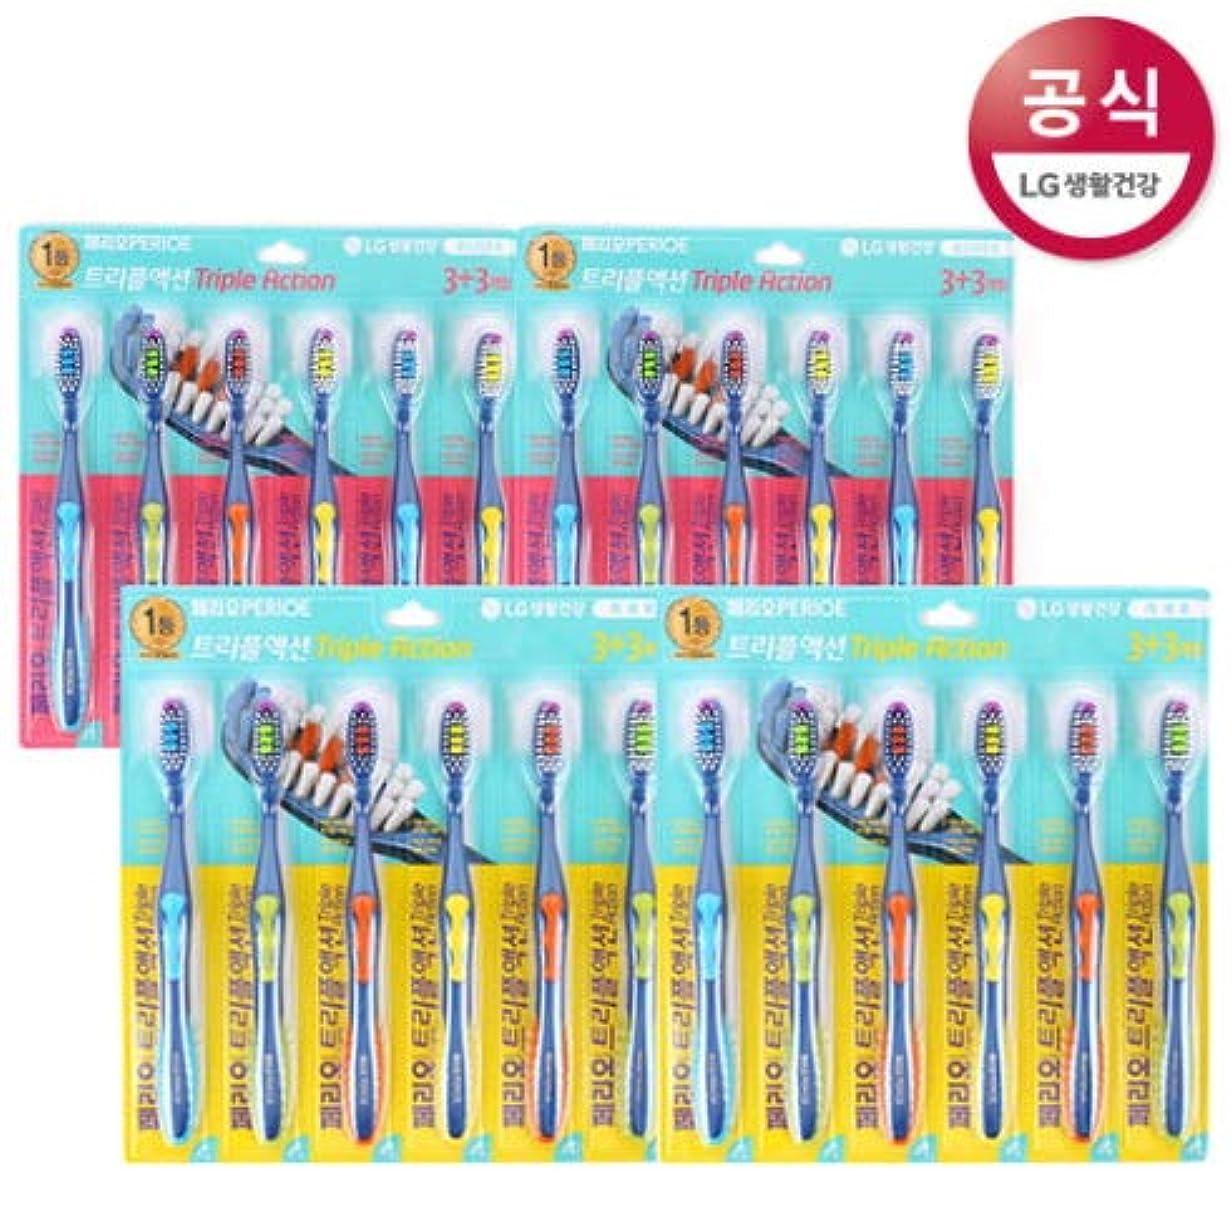 曲特権的残酷[LG HnB] Perio Triple Action Toothbrush/ペリオトリプルアクション歯ブラシ 6口x4個(海外直送品)